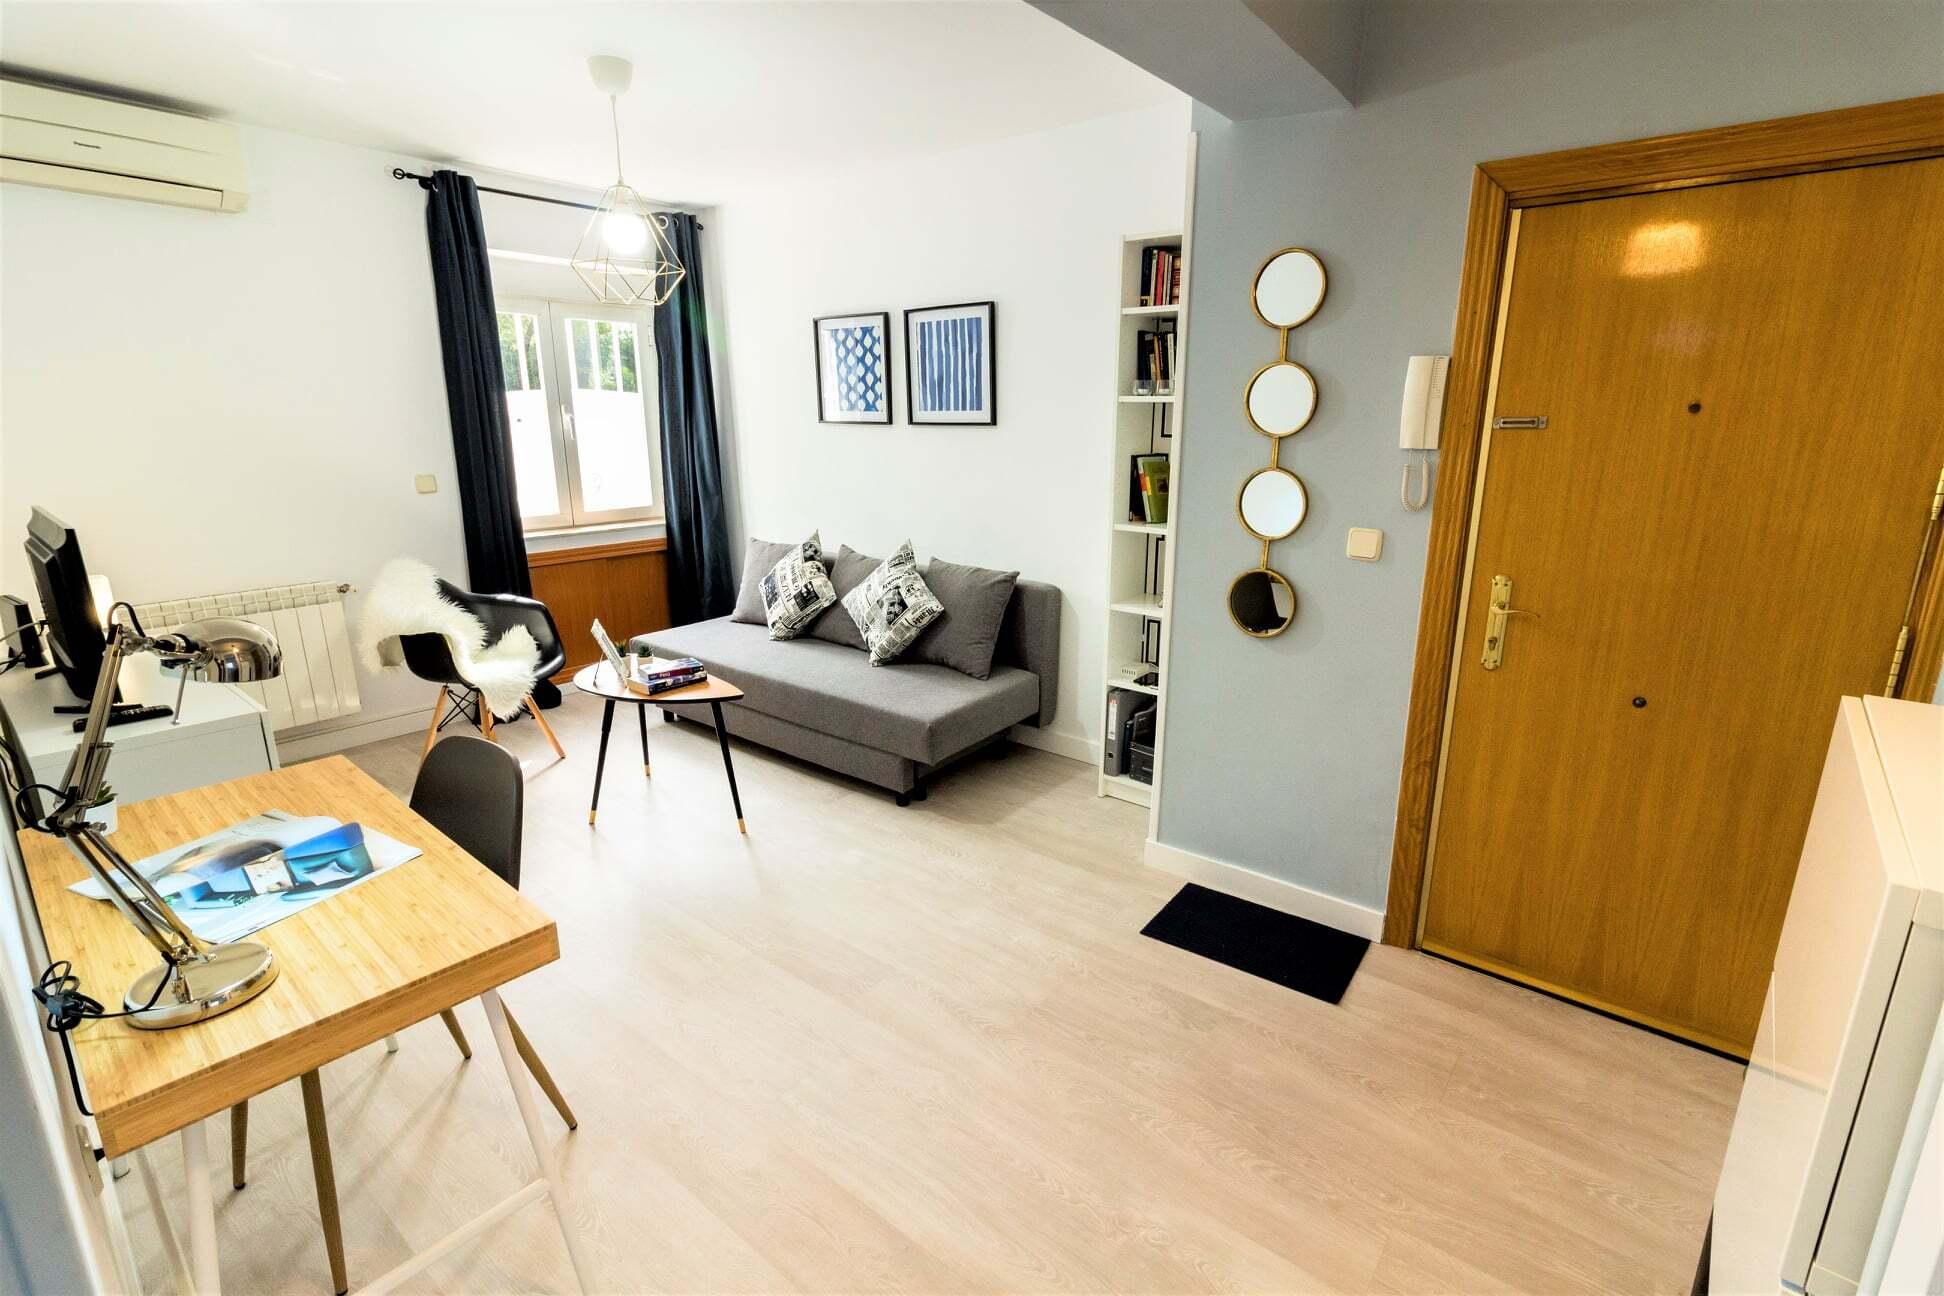 Ground floor expat apartment in Madrid